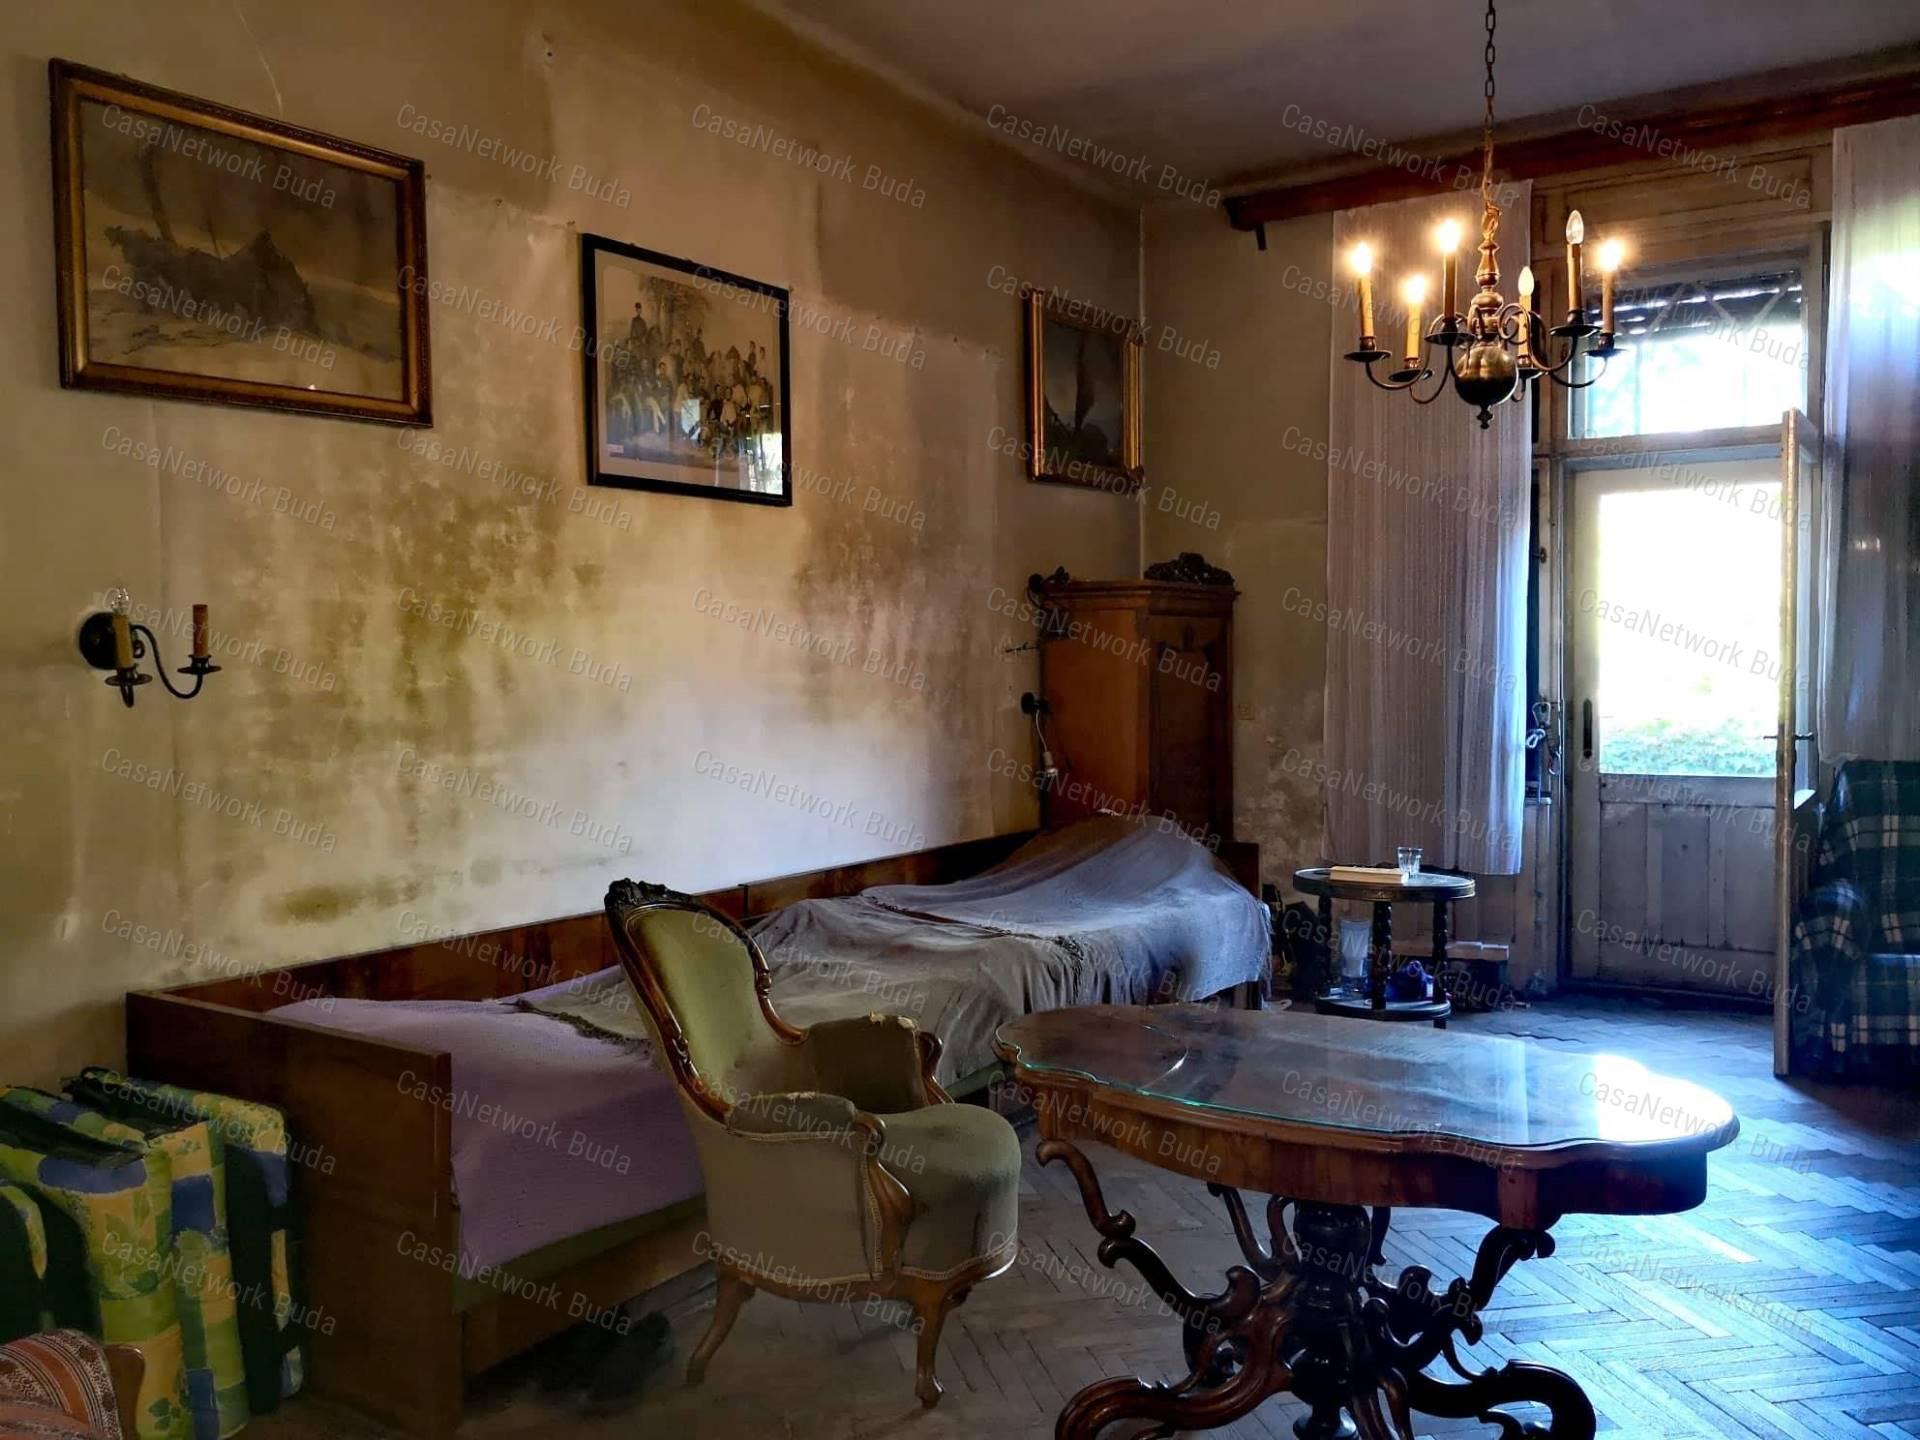 Eladó villa, kastély, kúria, Budapest, Budapest I. kerület - sz.: 181600026 - CasaNetWork.hu